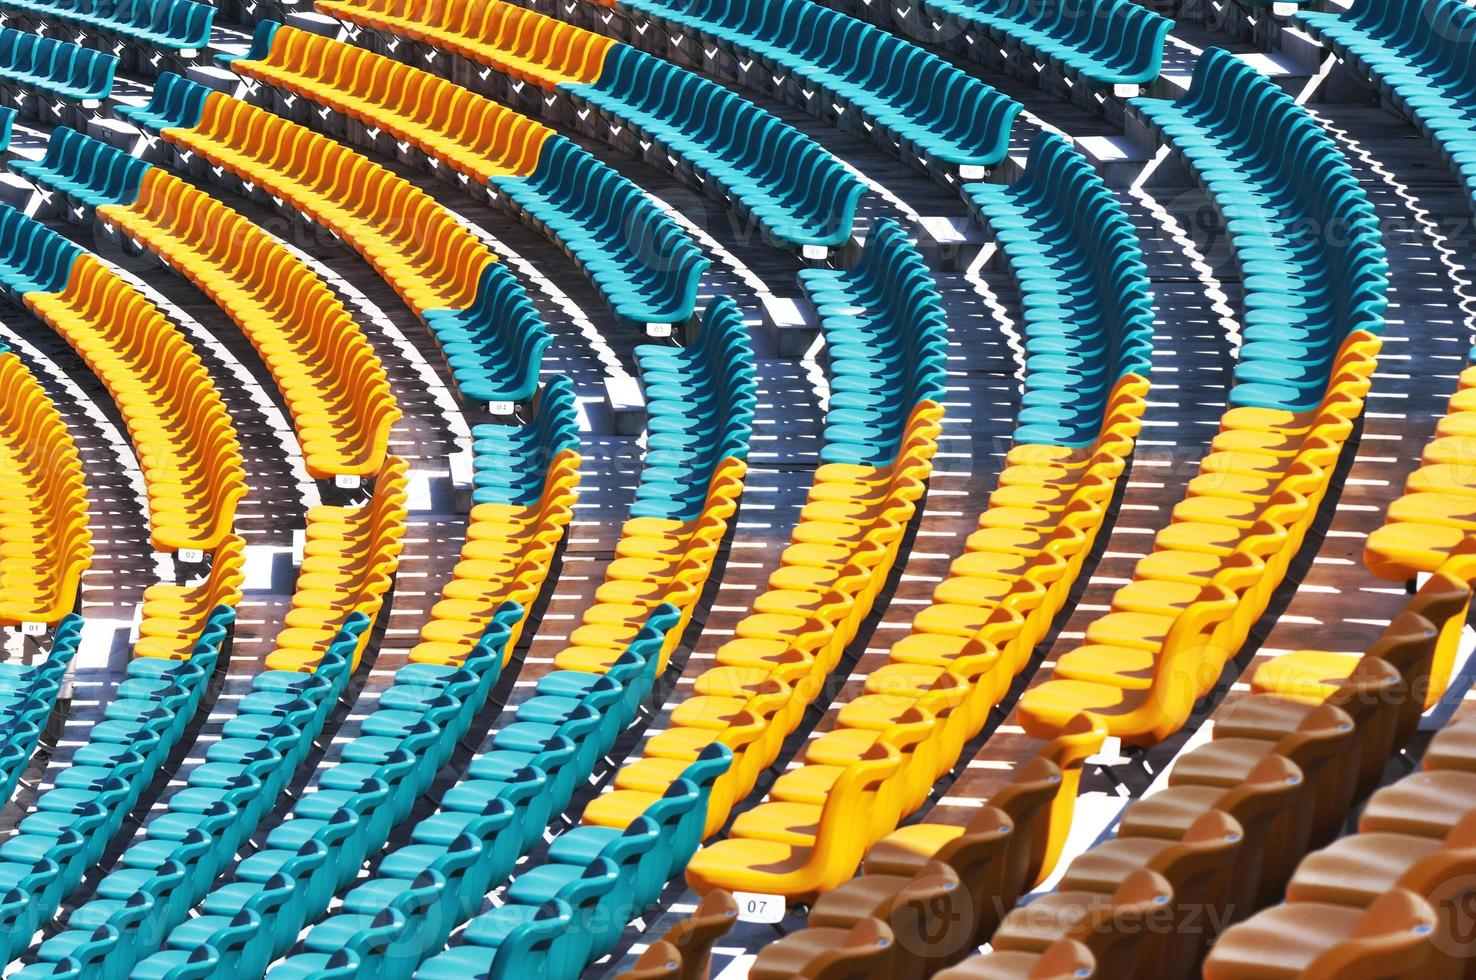 chaises de stade vides photo